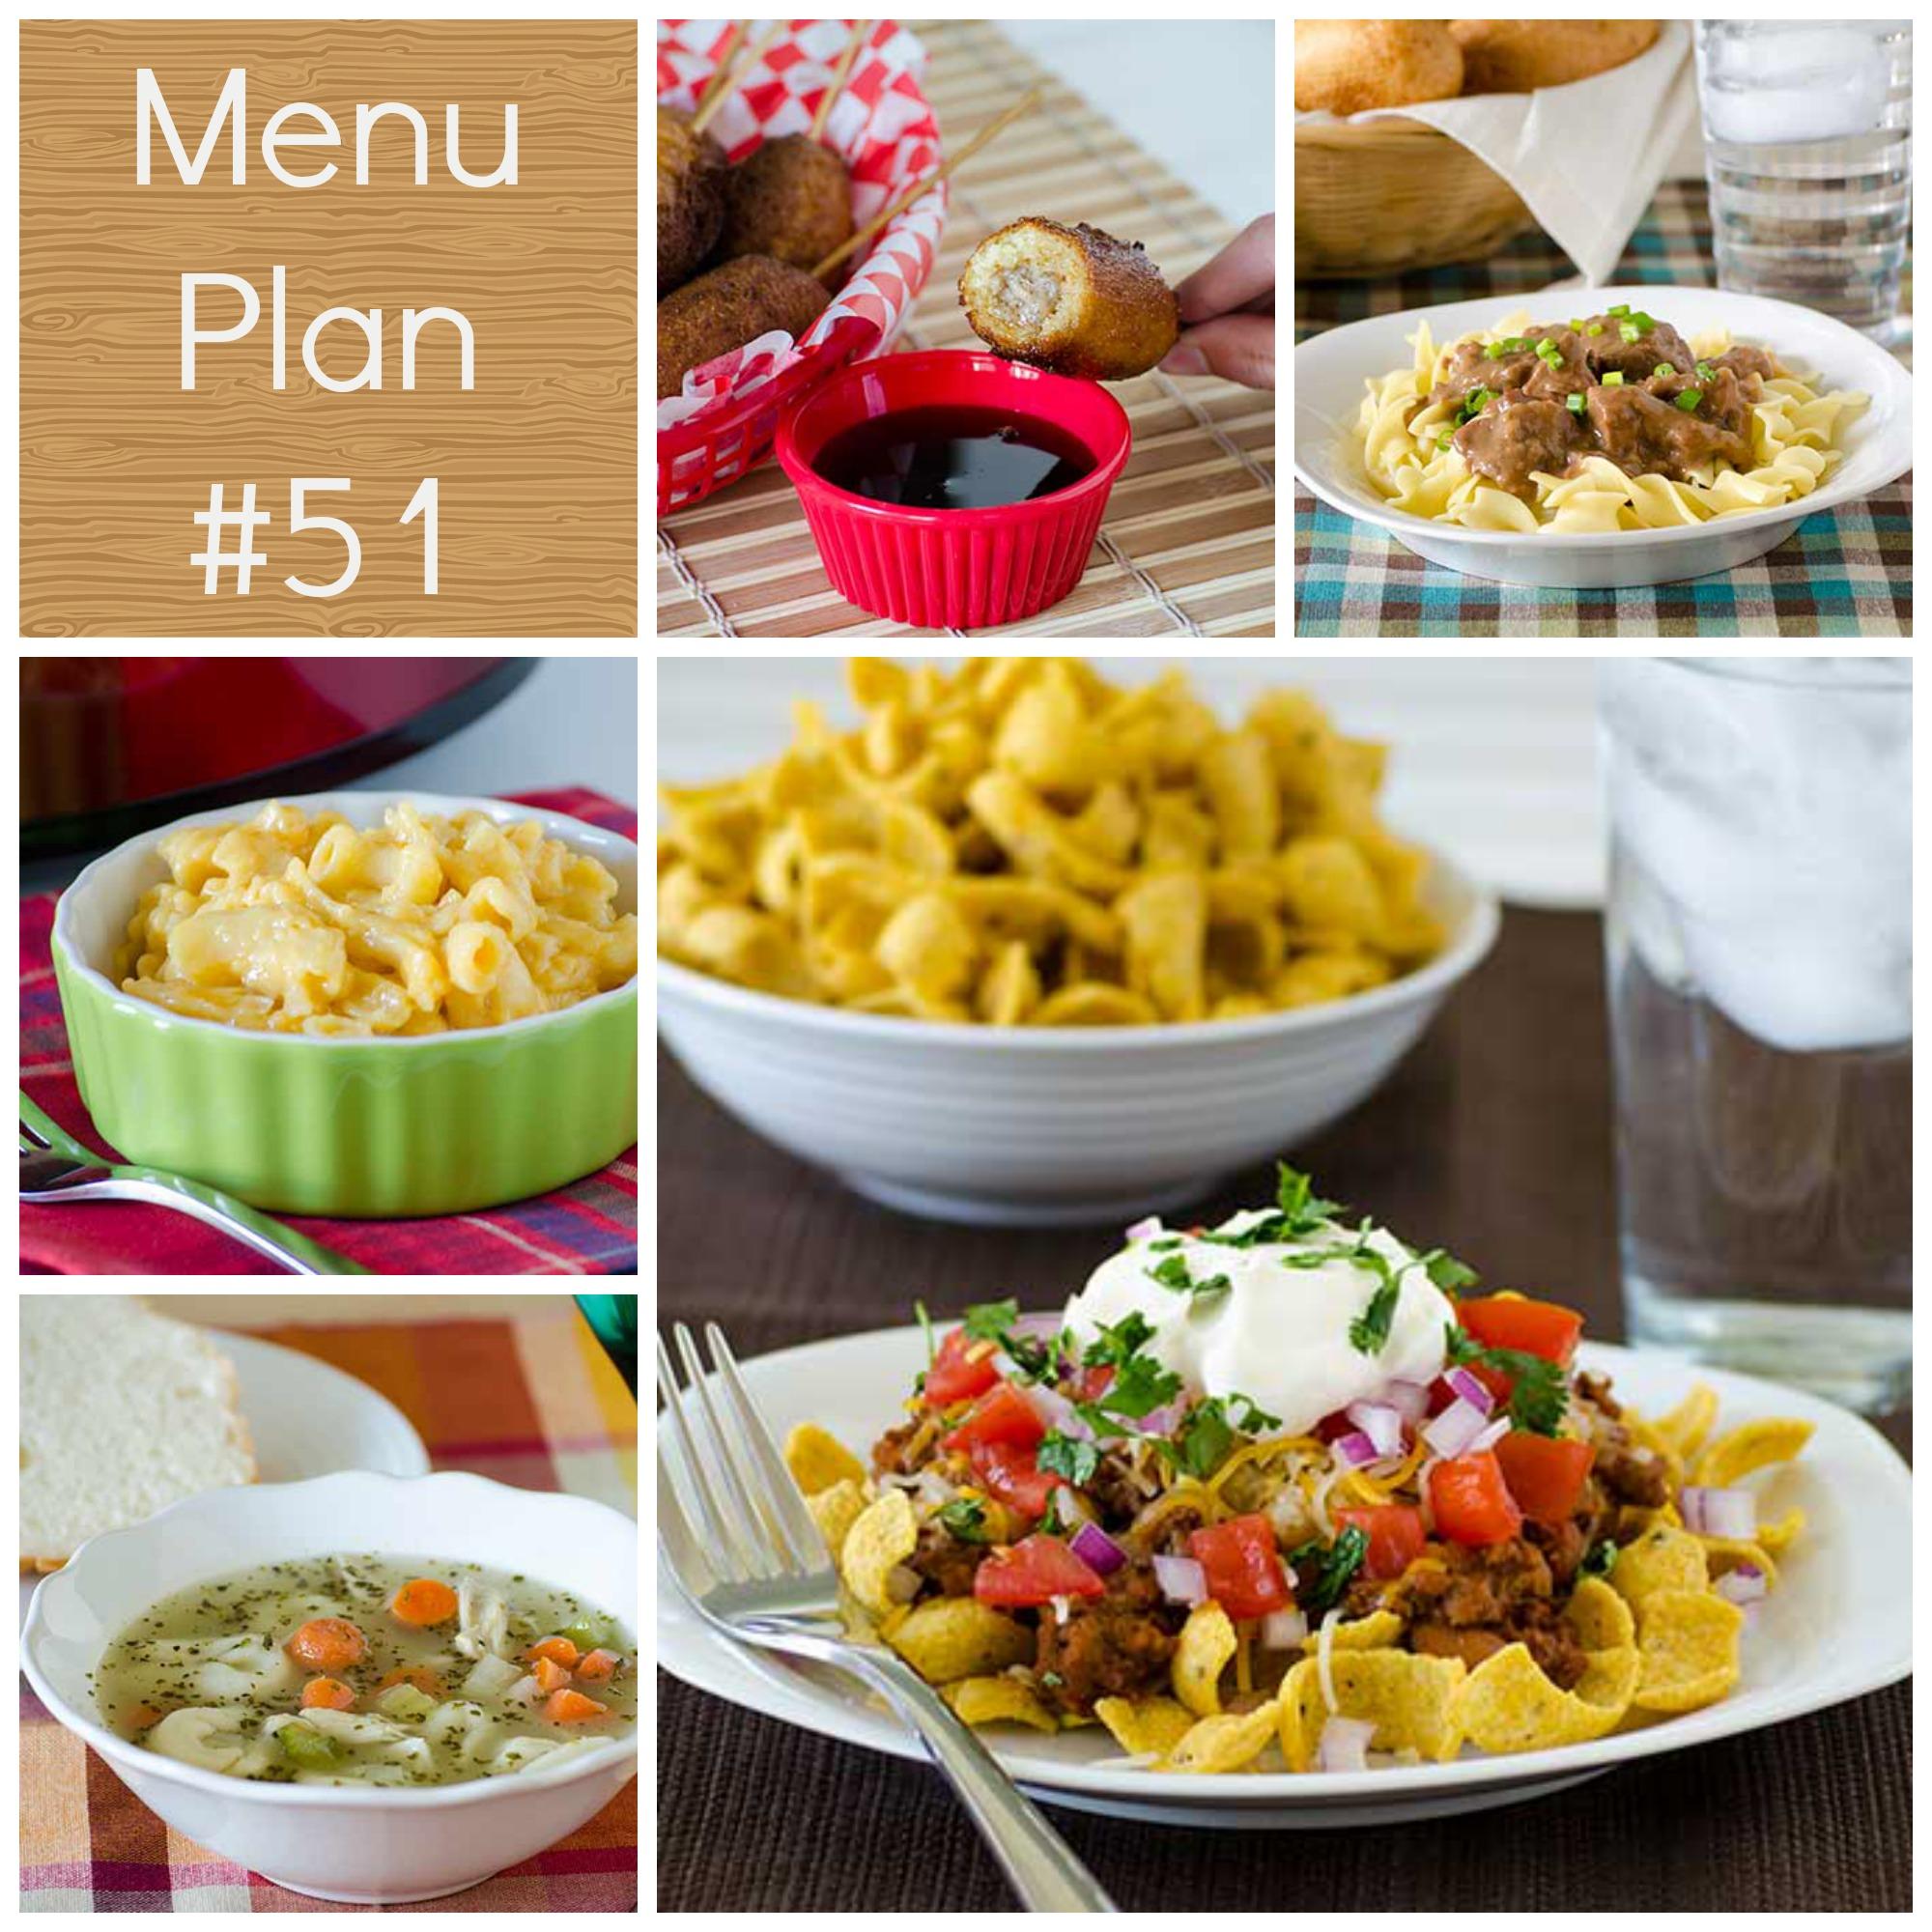 Menu Plan Monday – Week 51